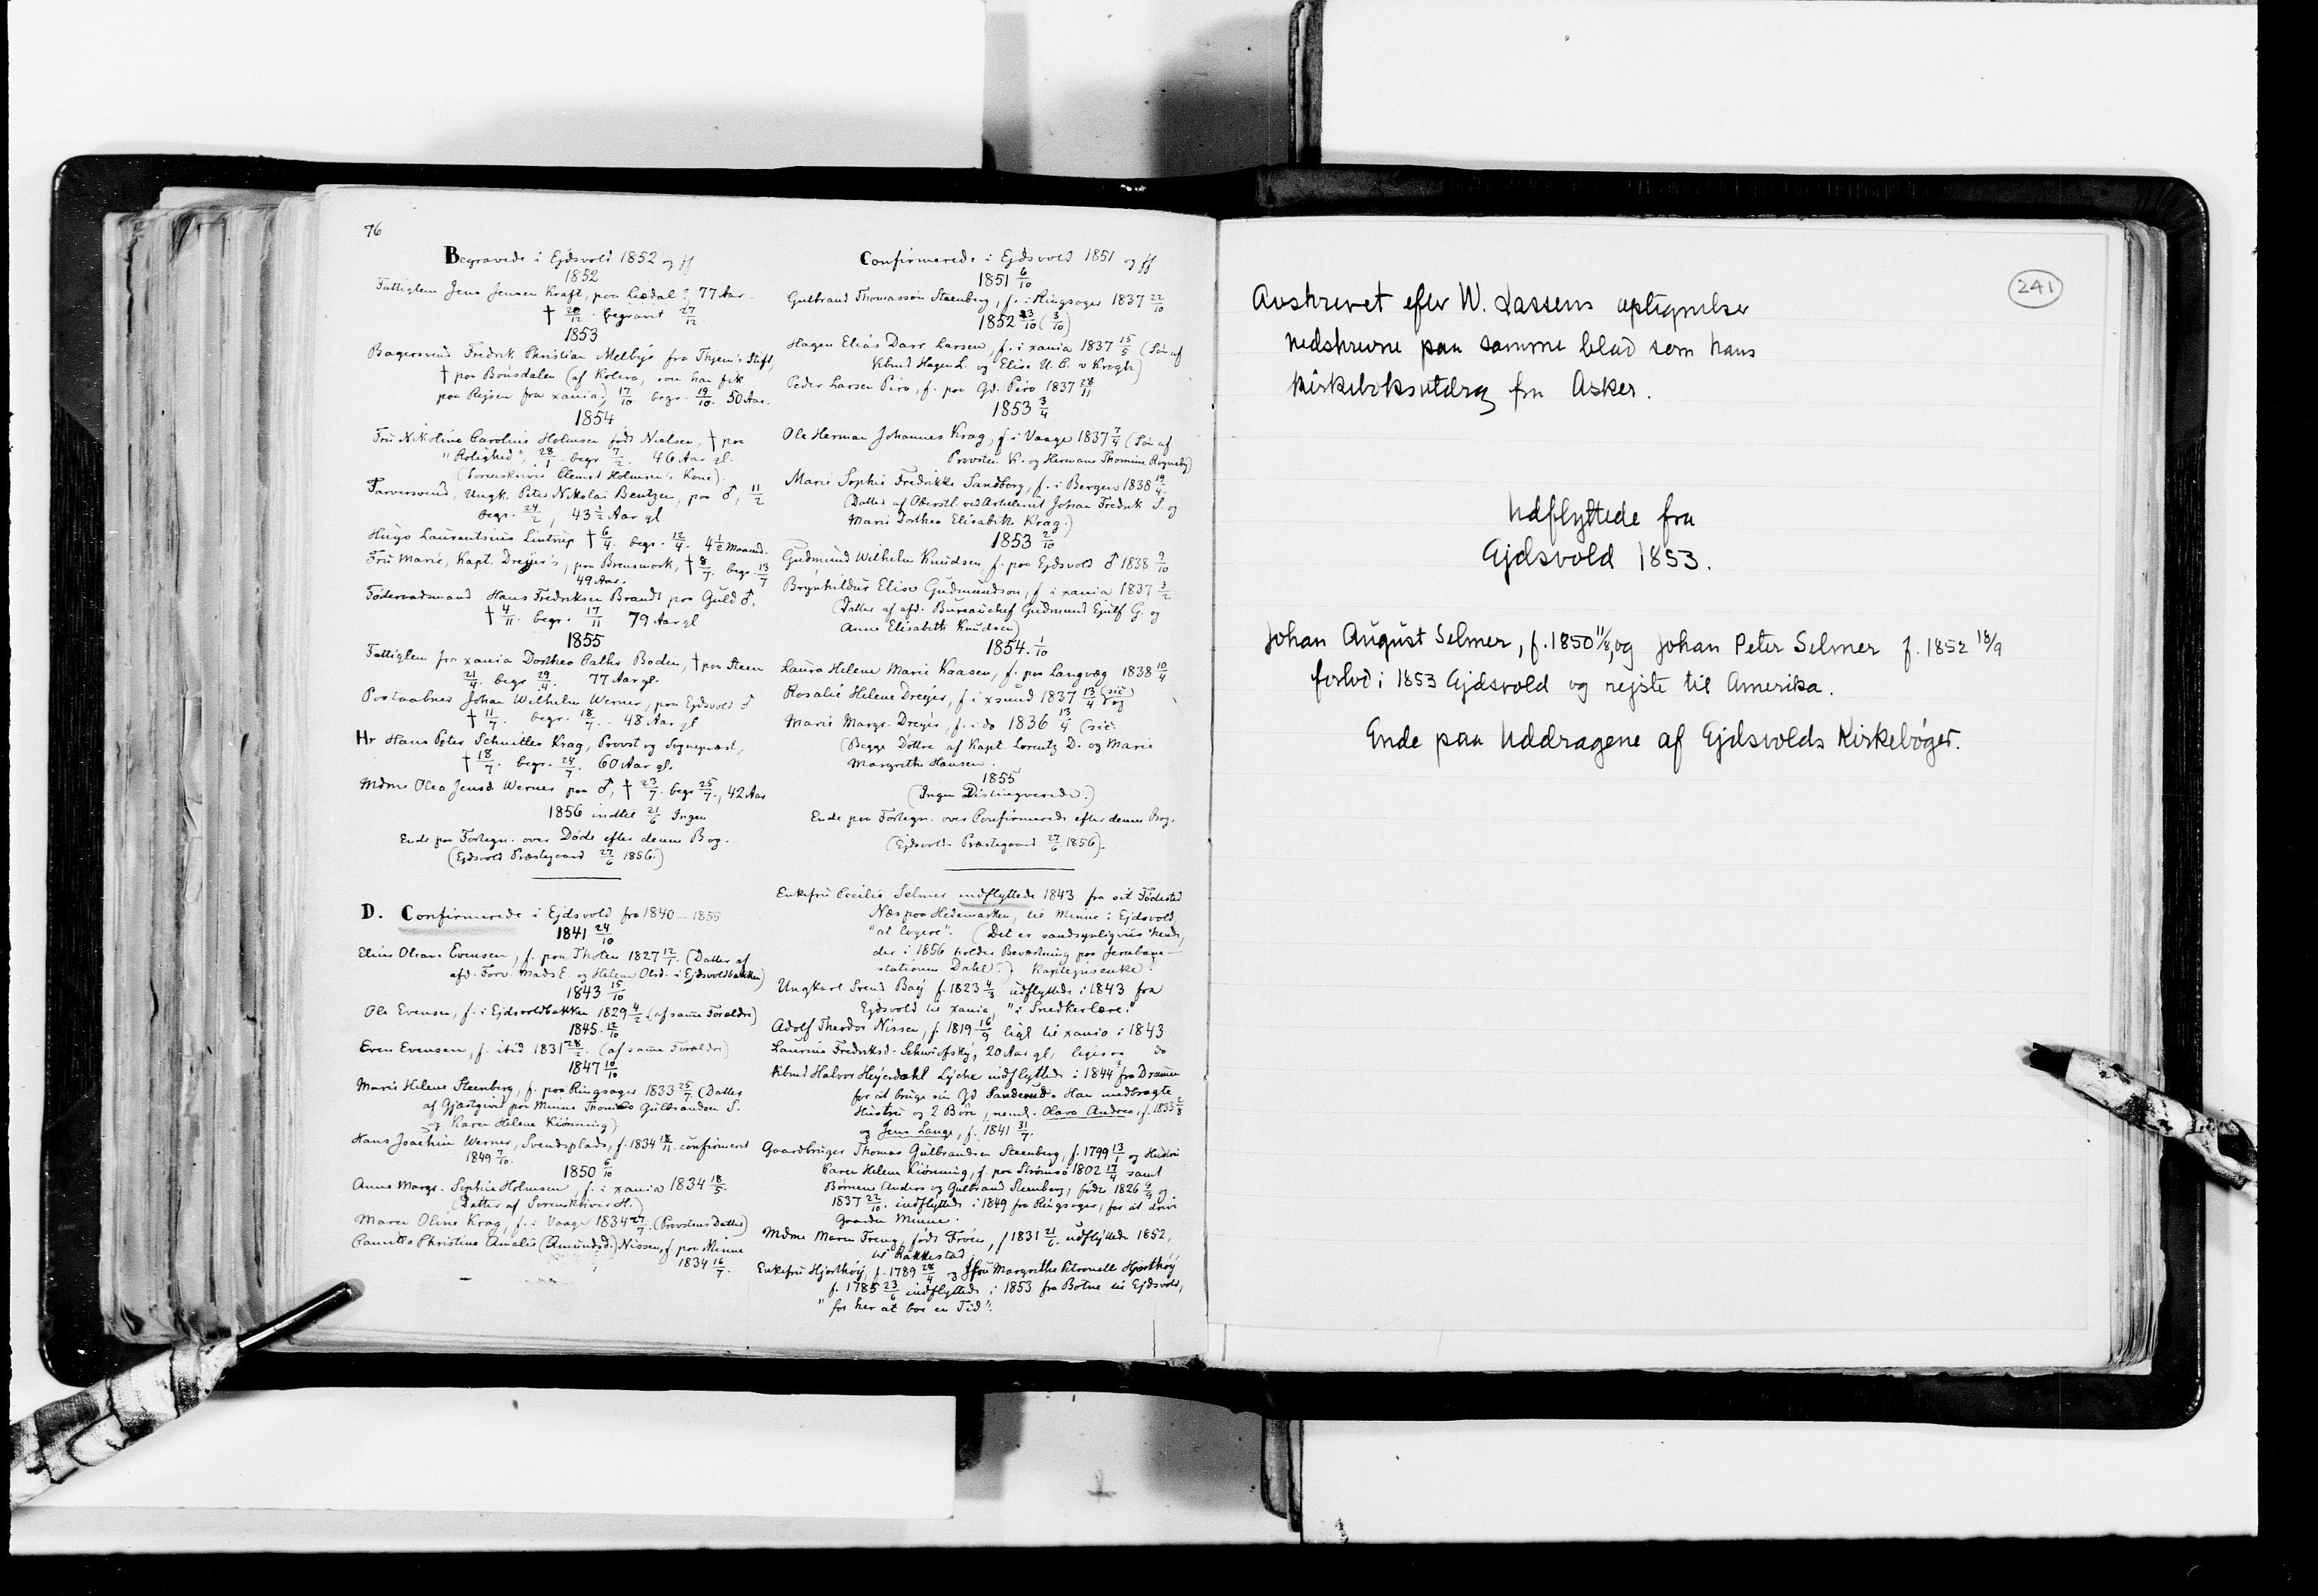 RA, Lassens samlinger, F/Fc, s. 241